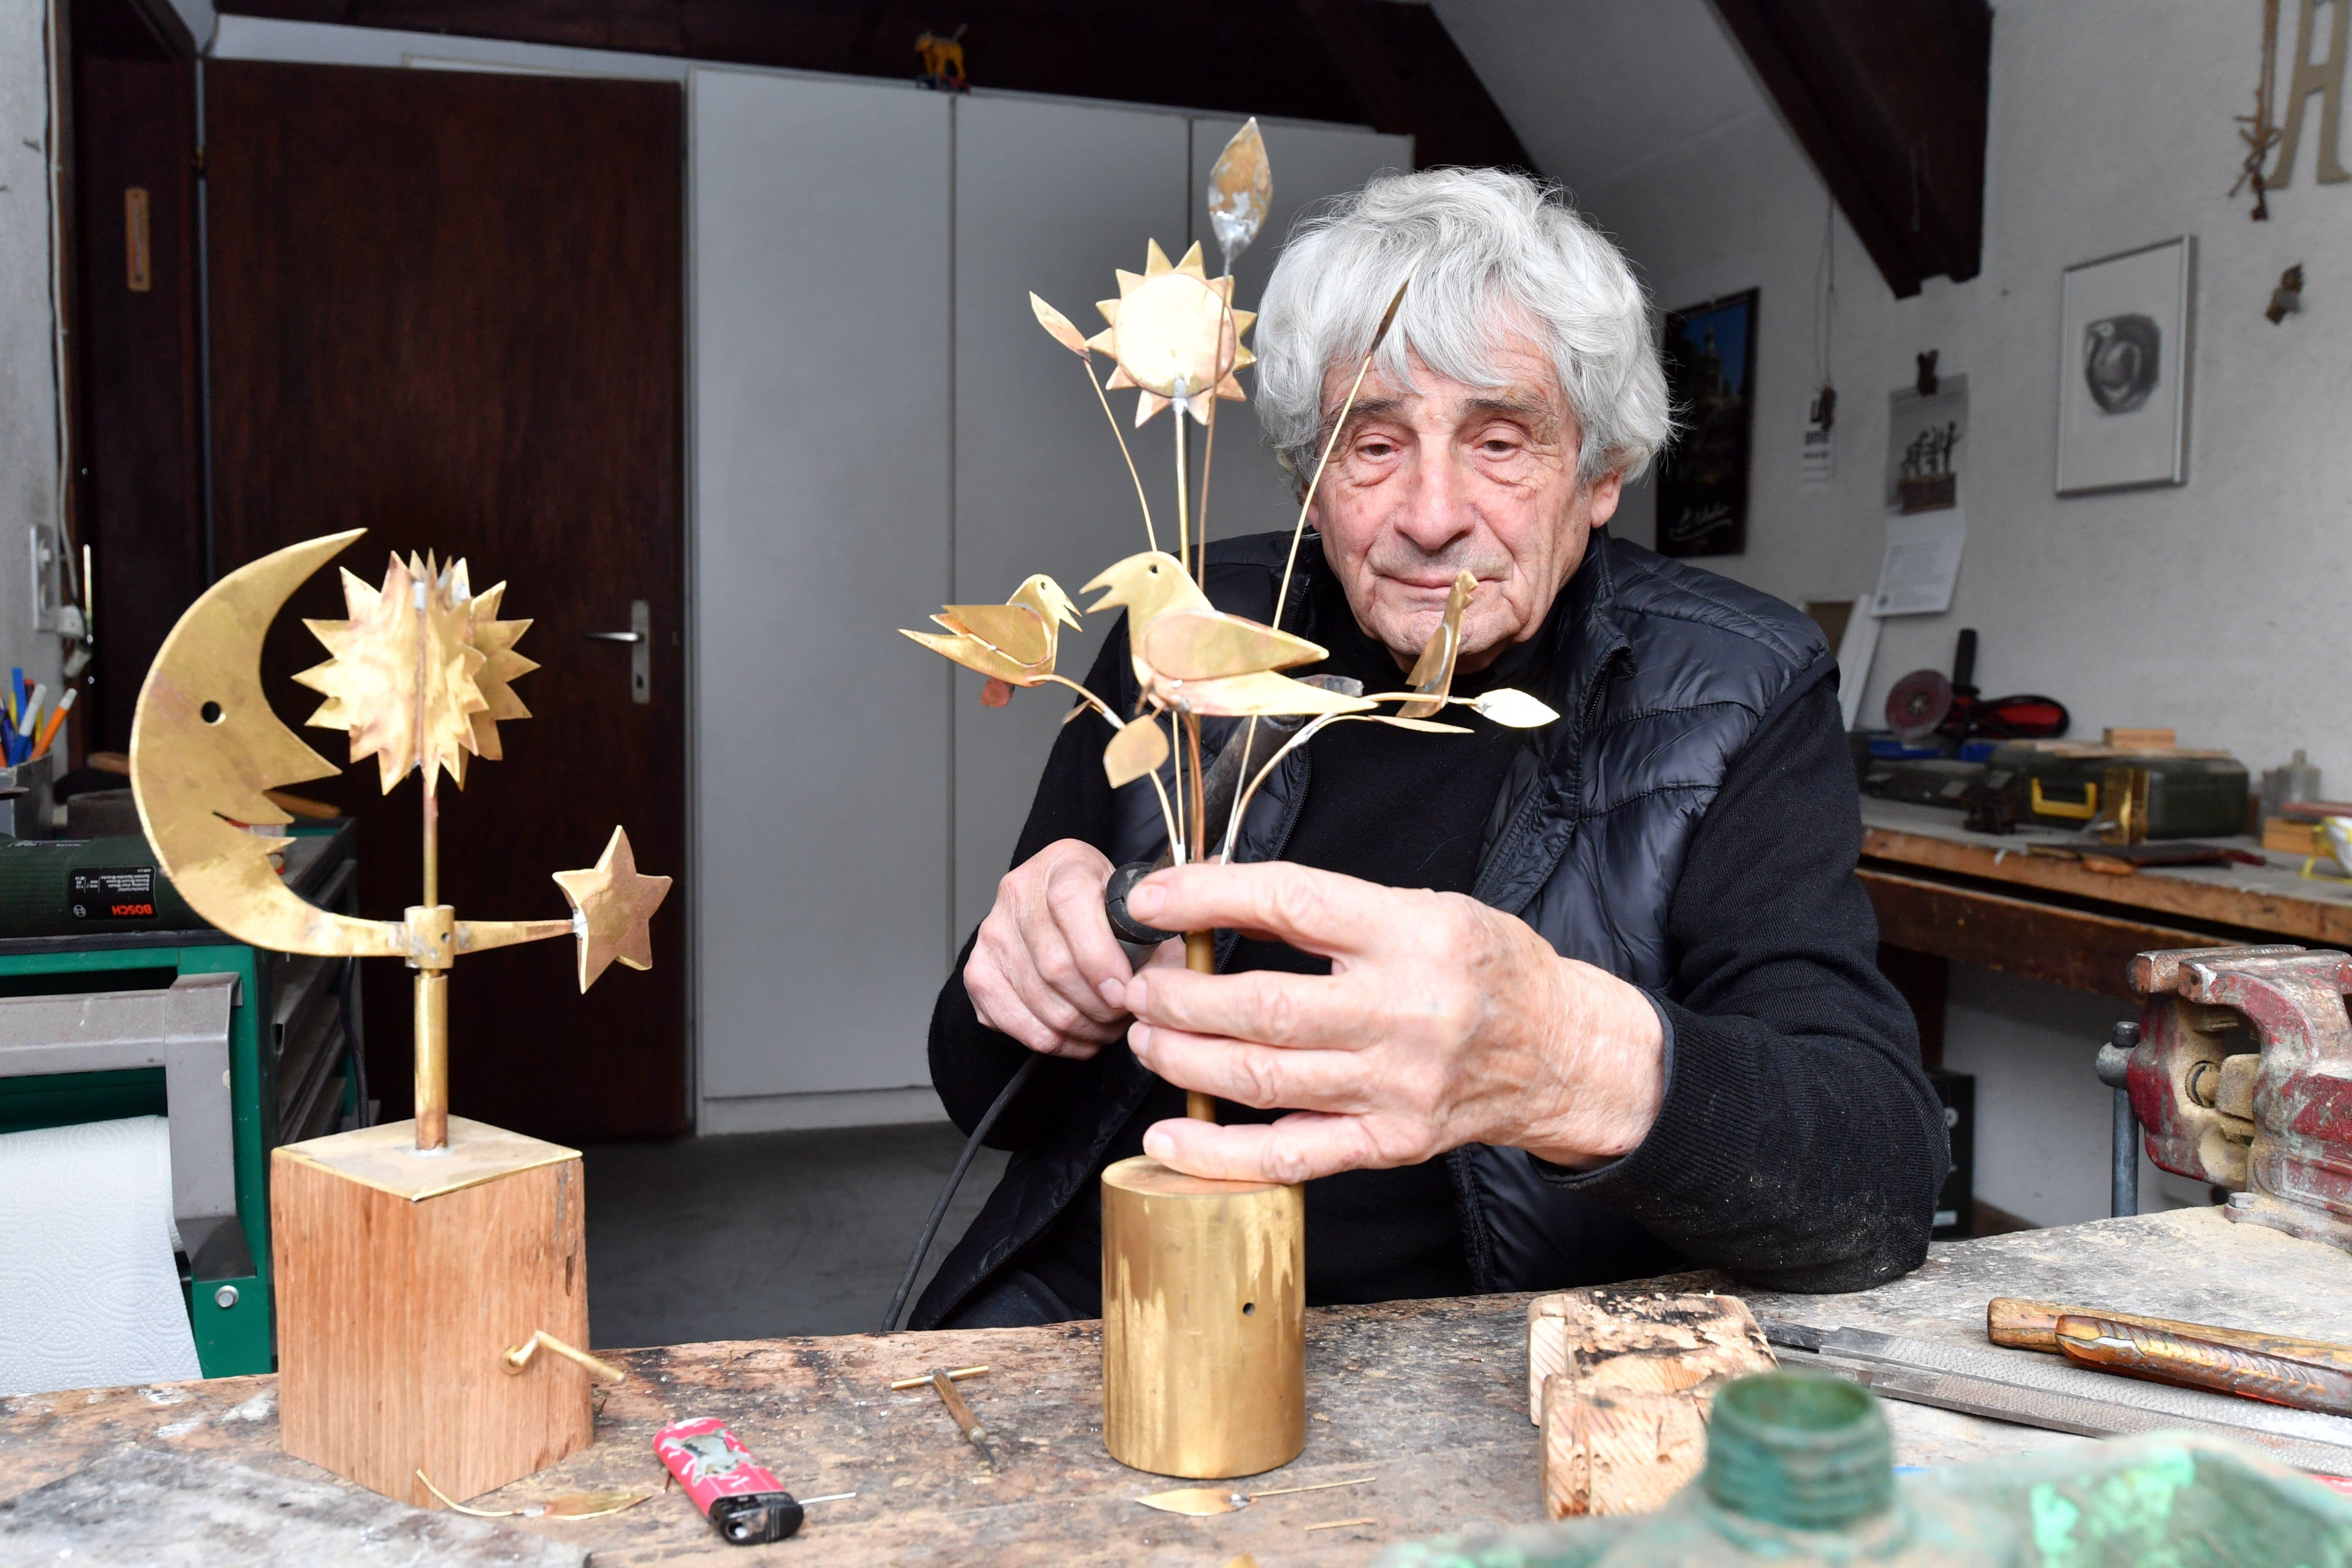 Der Künstler Paul Gugelmann an der Arbeit in seinem Atelier.